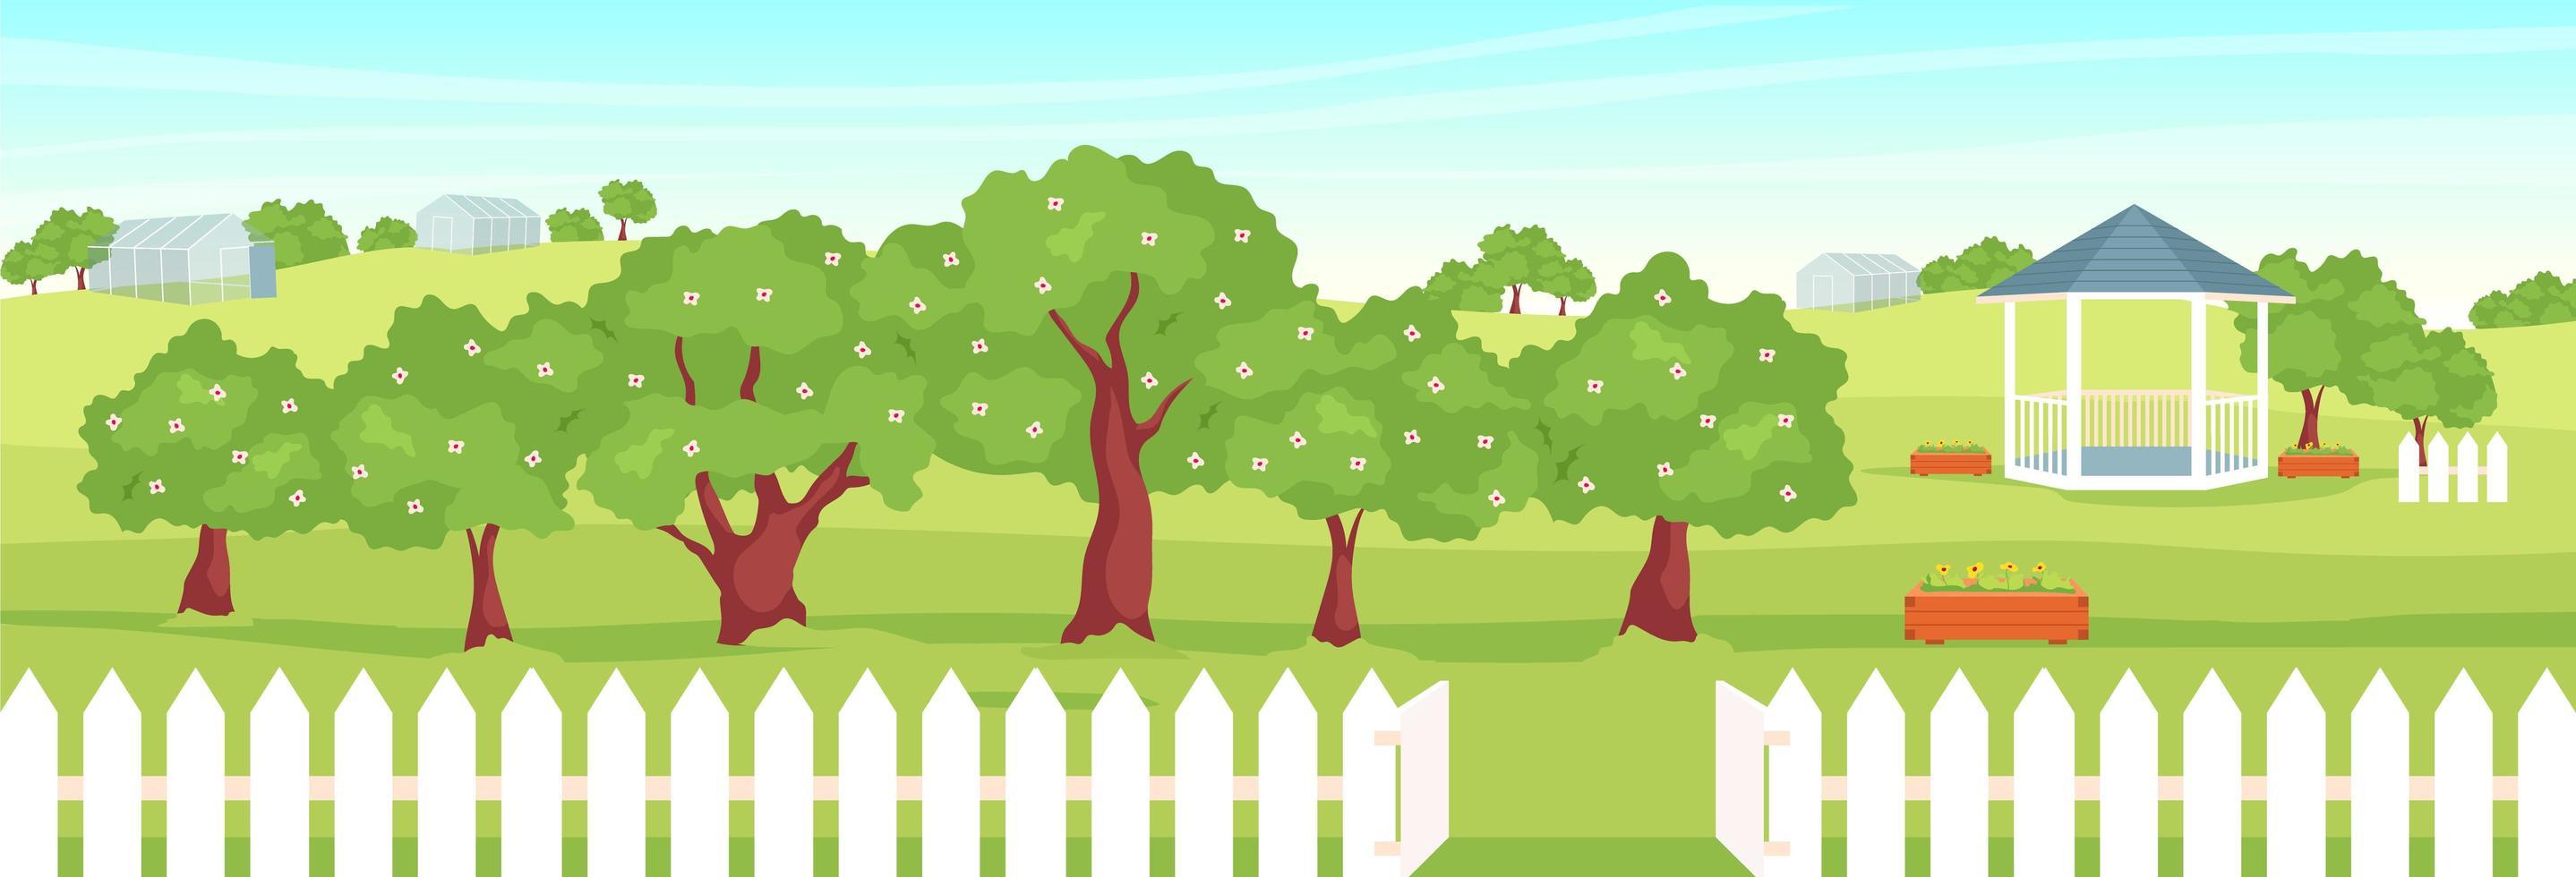 landschap met tuinhuisje vector